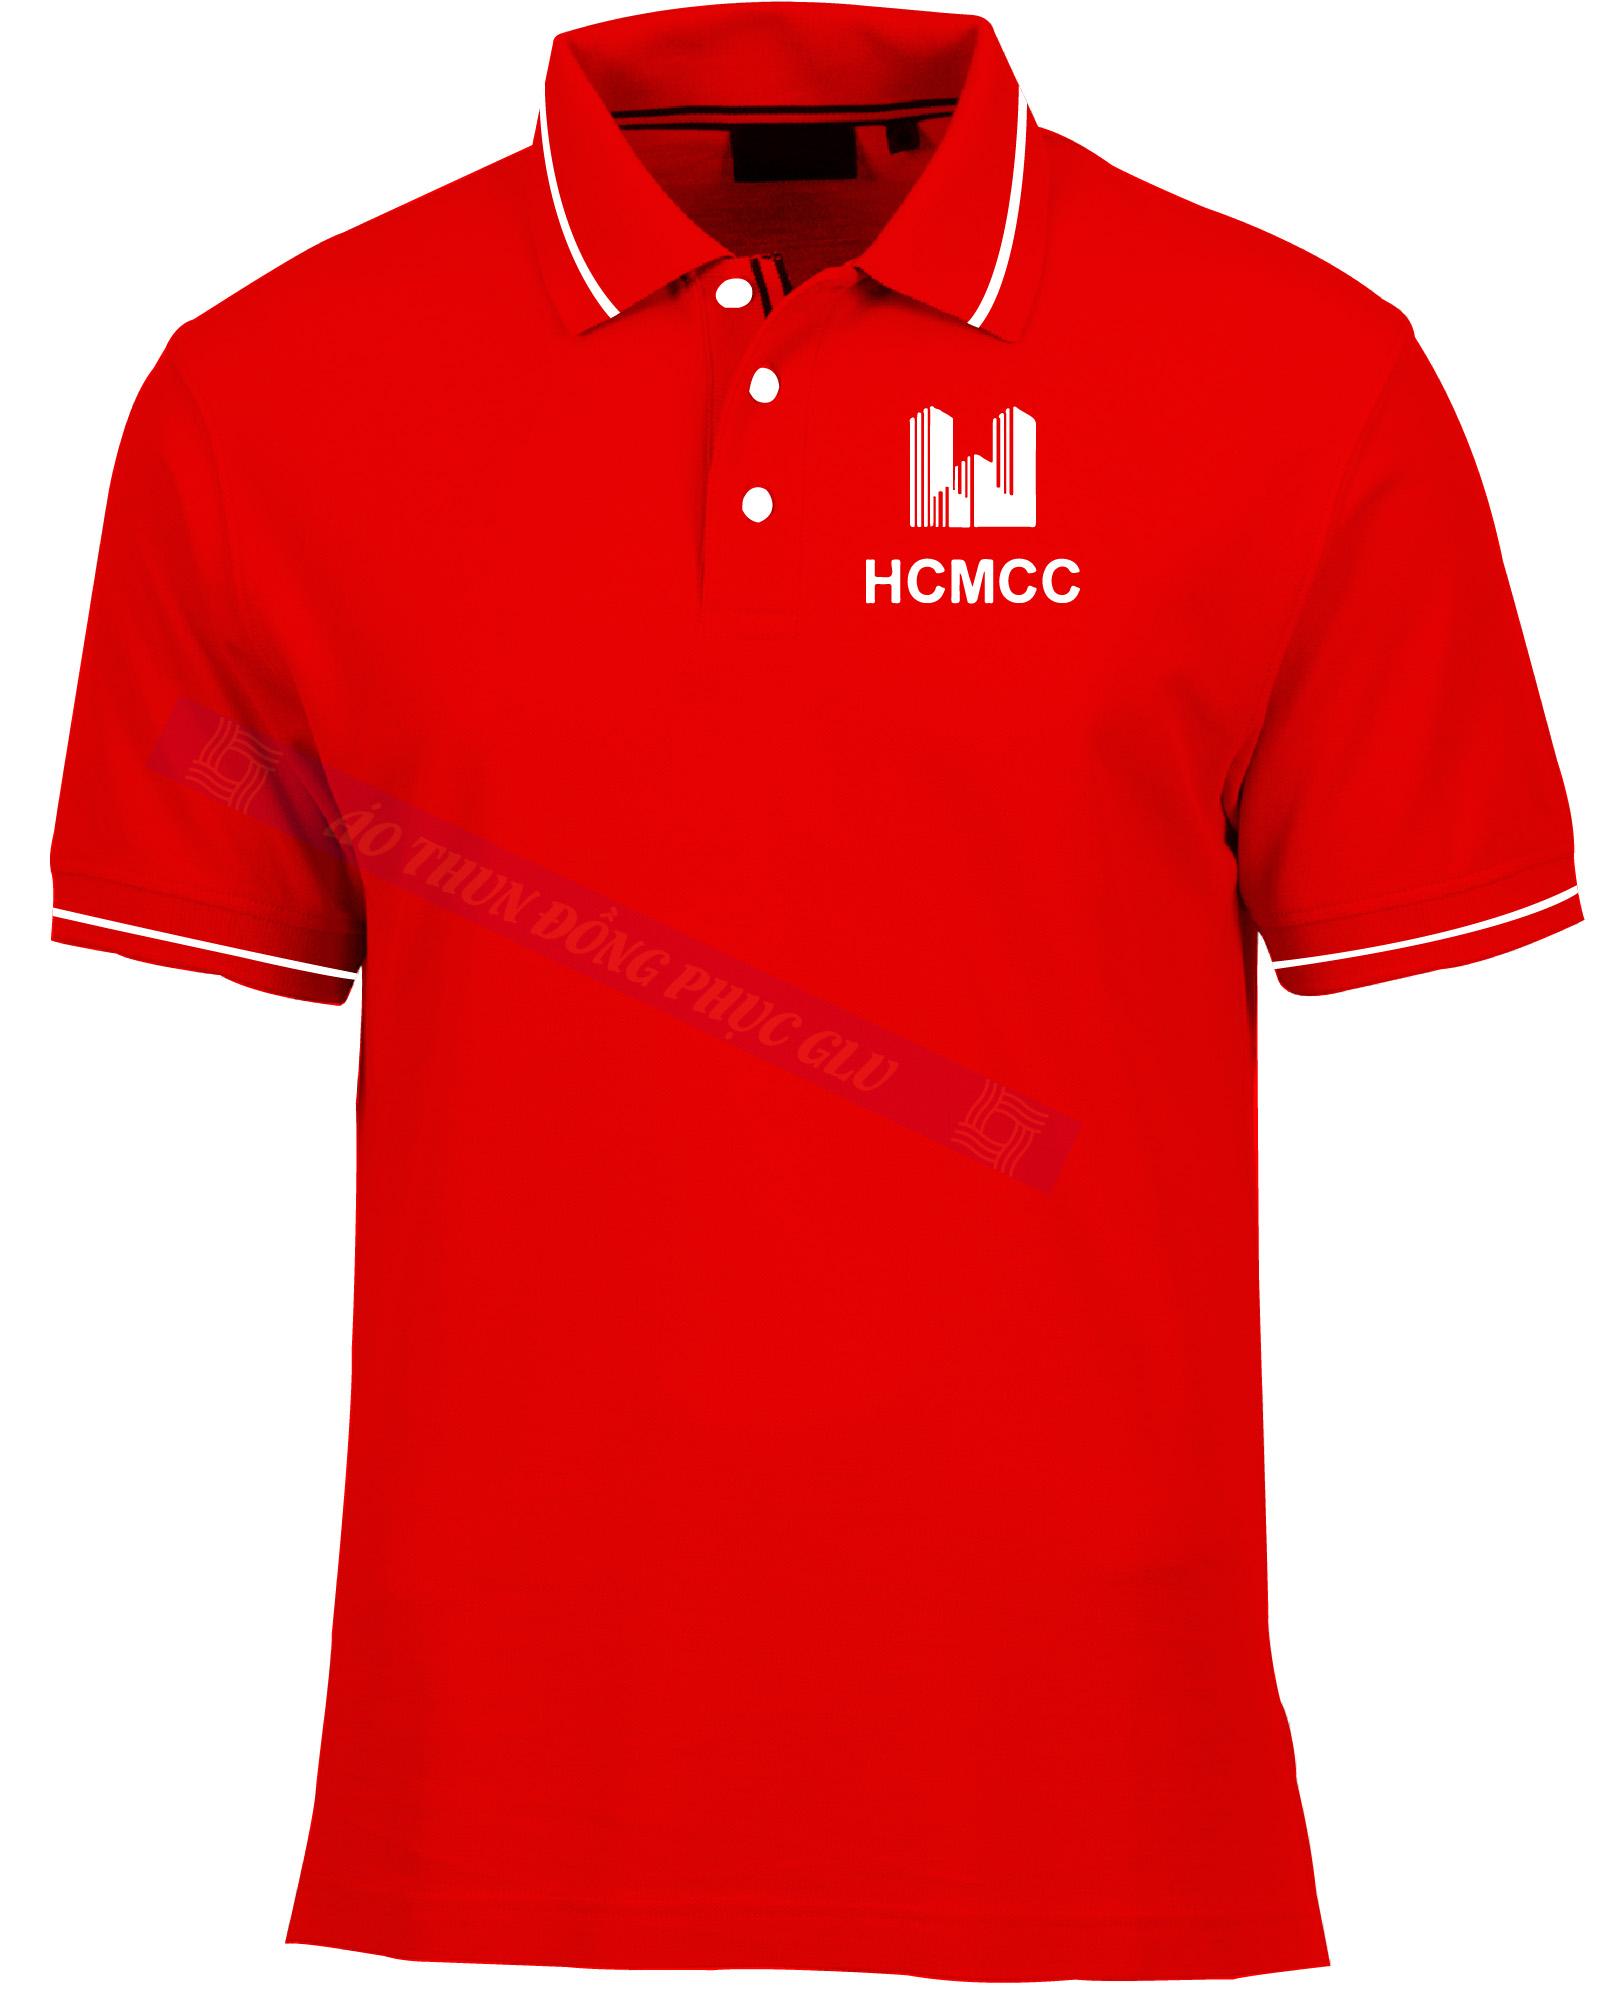 AO THUN HCMCC AT95 áo thun đồng phục có cổ